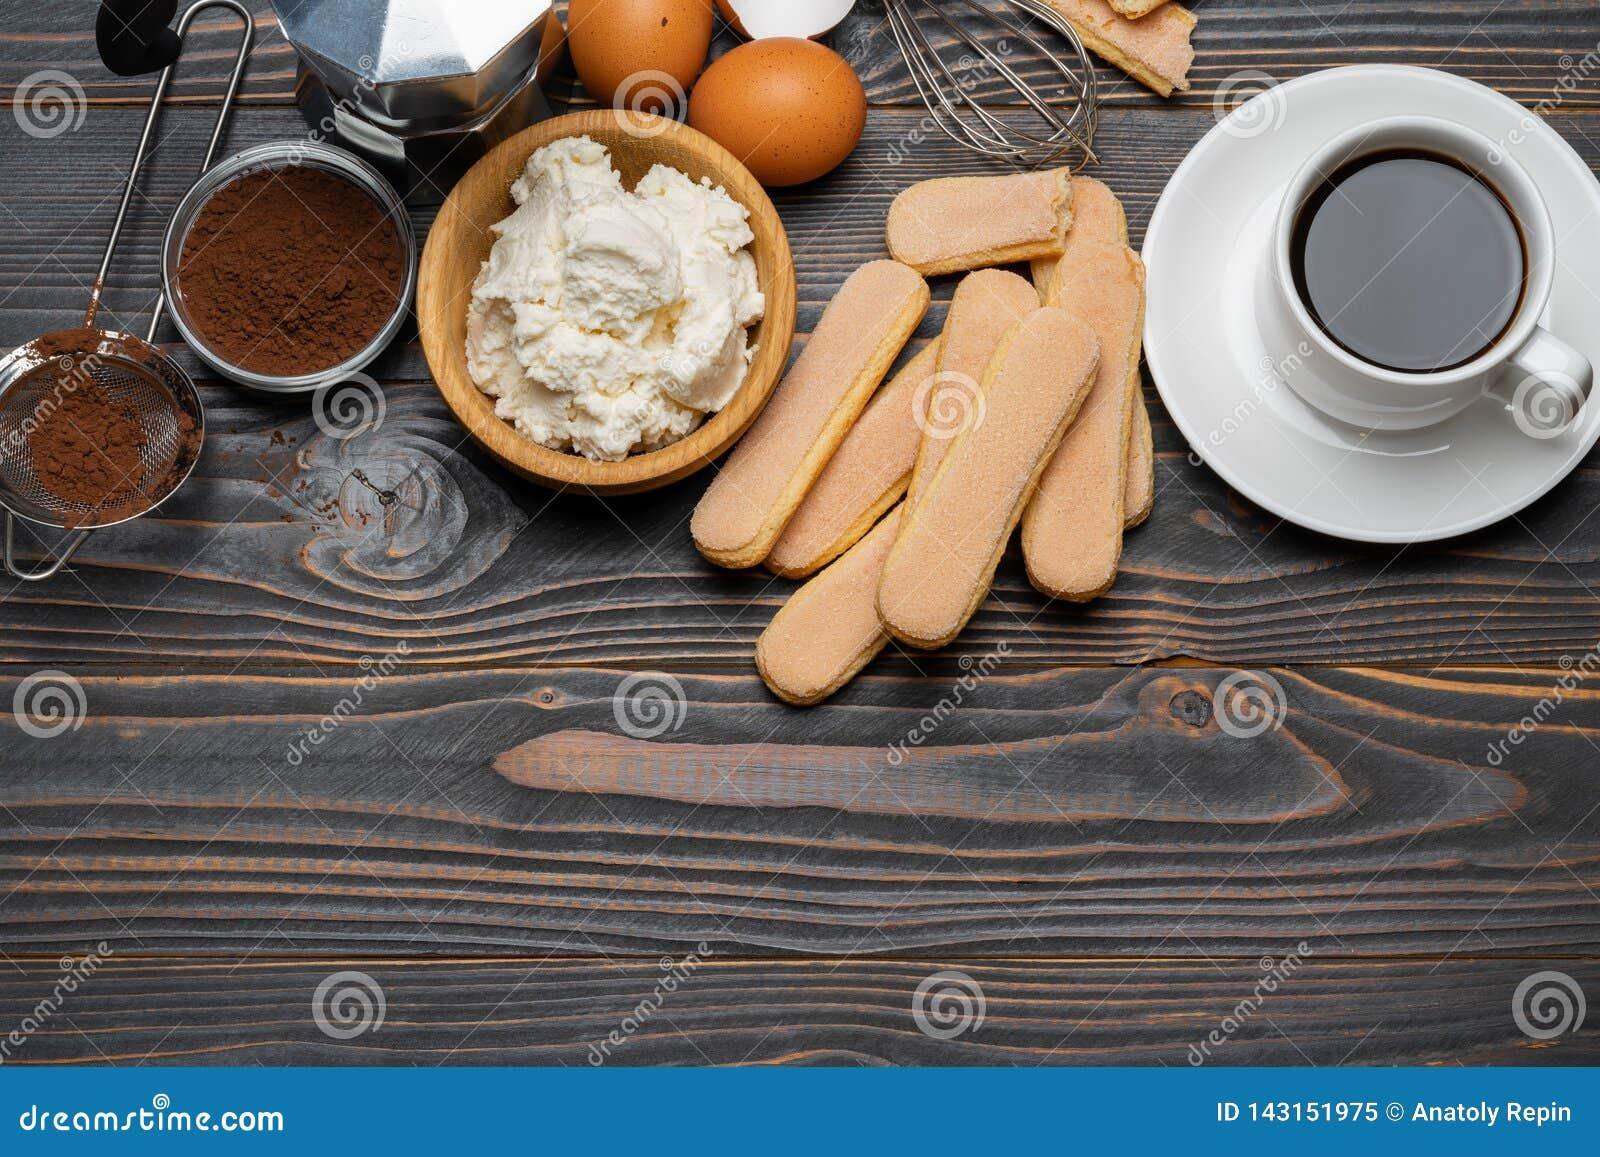 Συστατικά για το tiramisu μαγειρέματος - μπισκότα, mascarpone, κρέμα, ζάχαρη, κακάο, καφές και αυγό μπισκότων Savoiardi